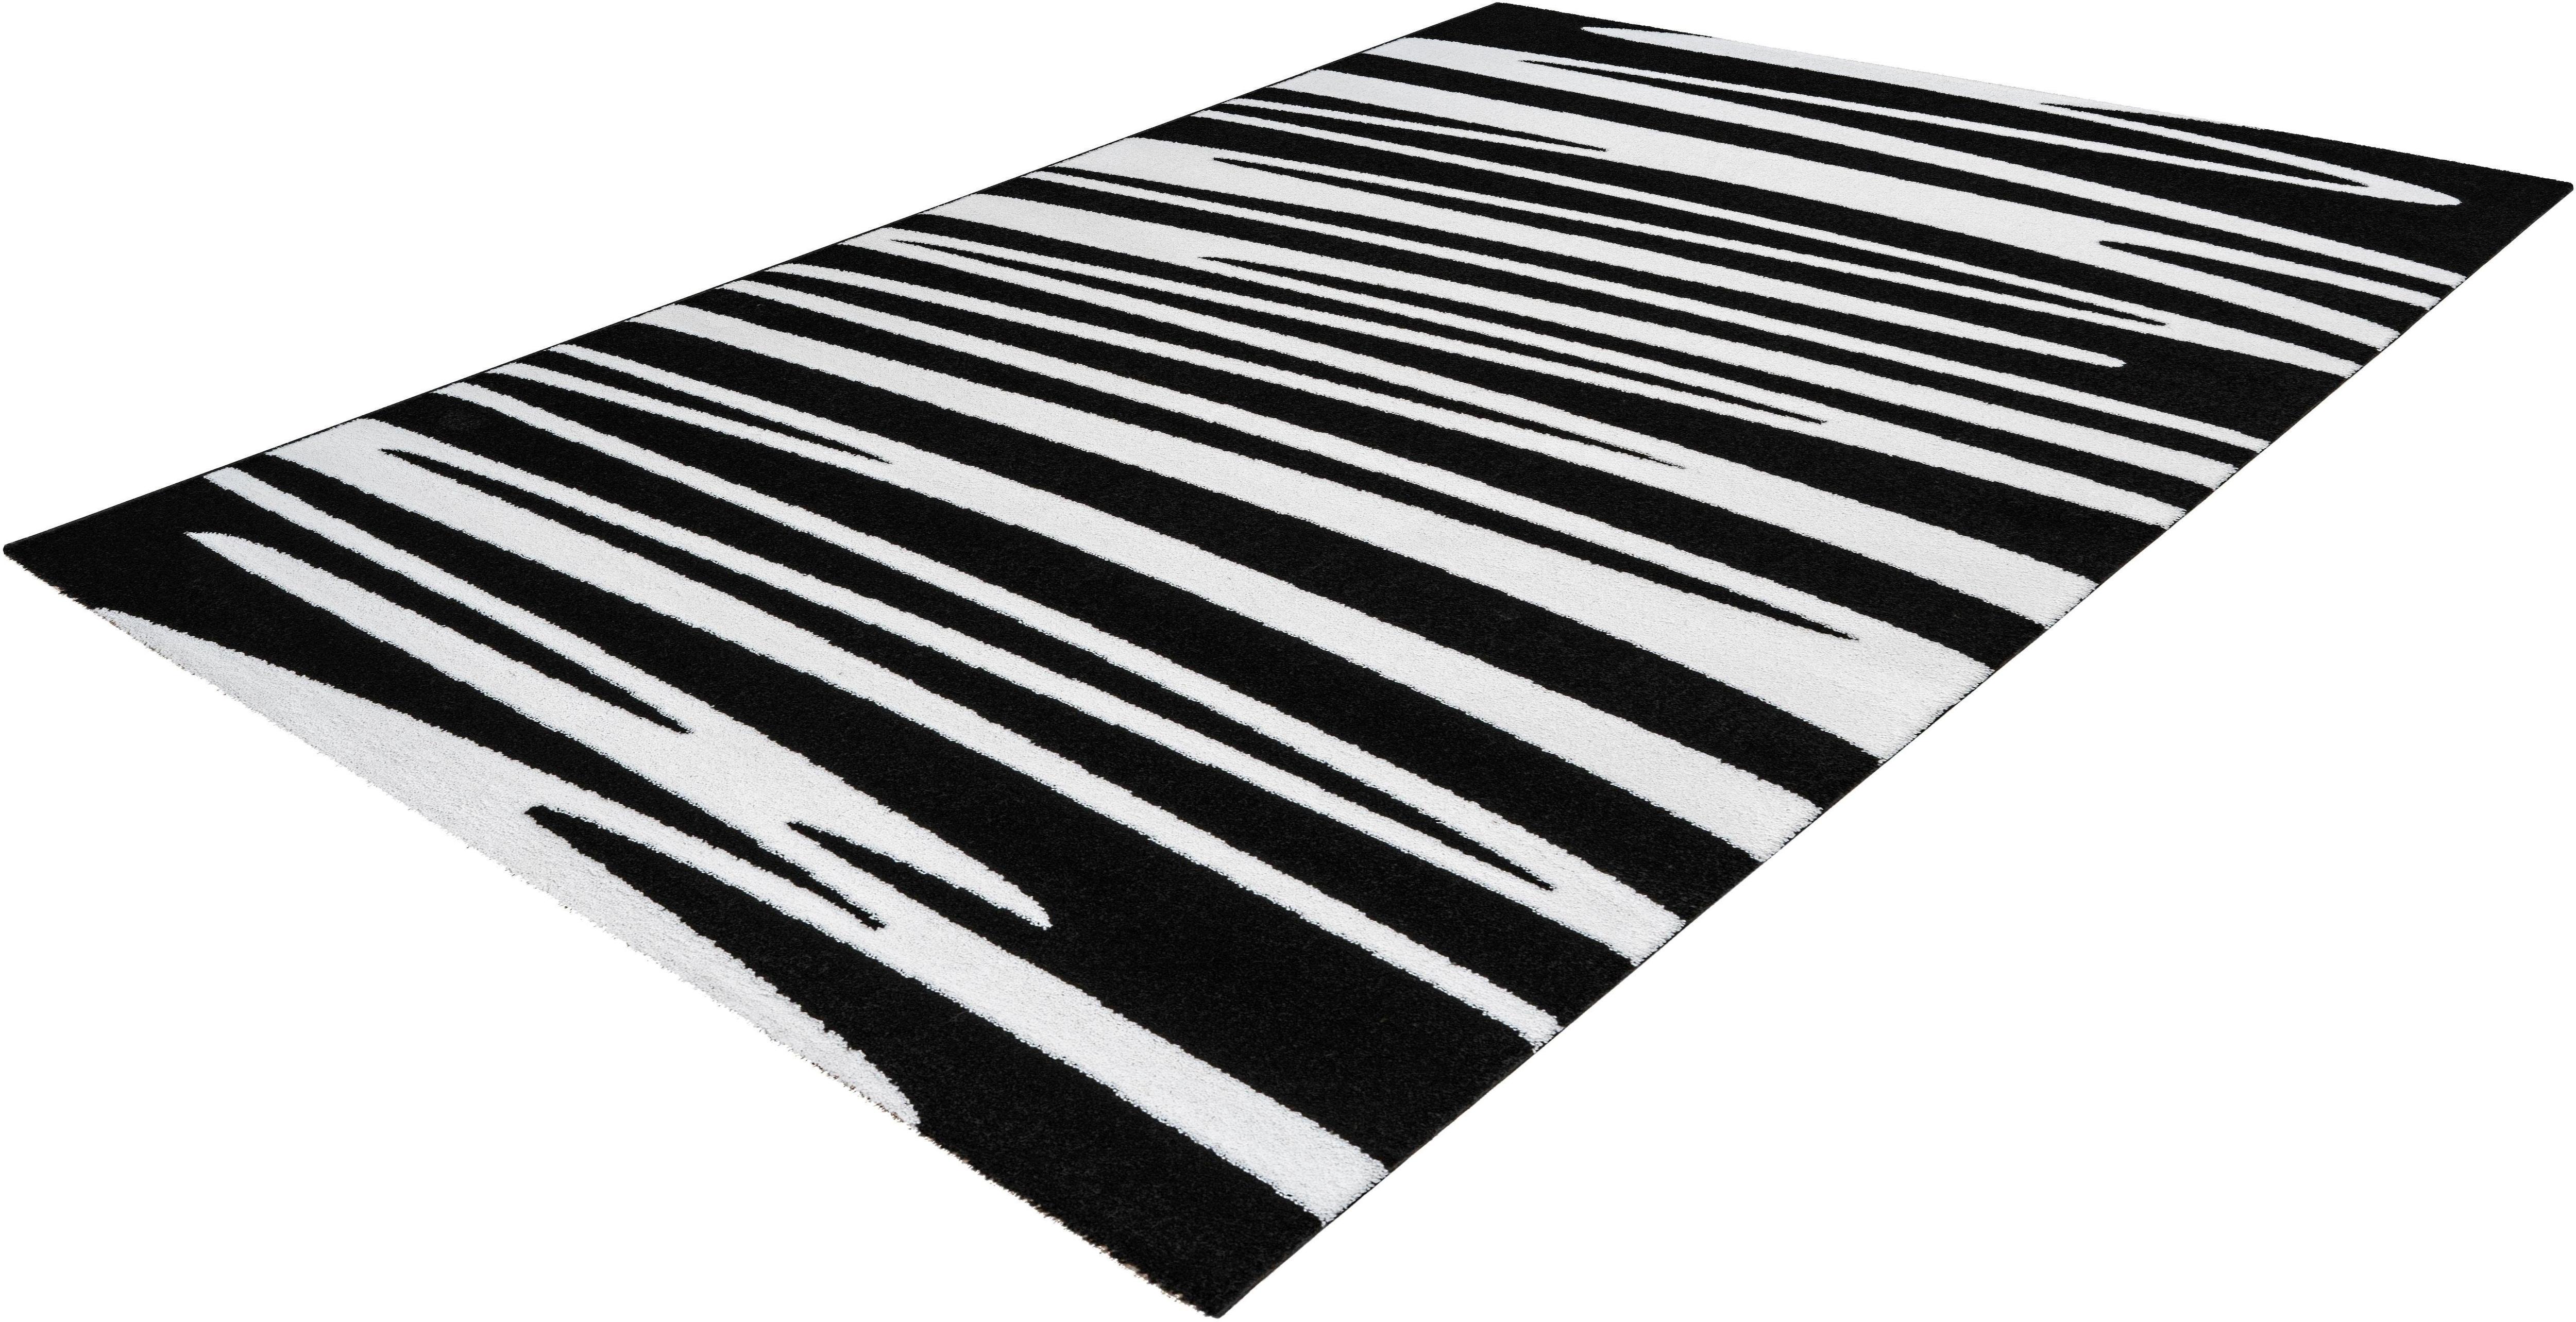 Teppich Polset 250 calo-deluxe rechteckig Höhe 15 mm maschinell gewebt